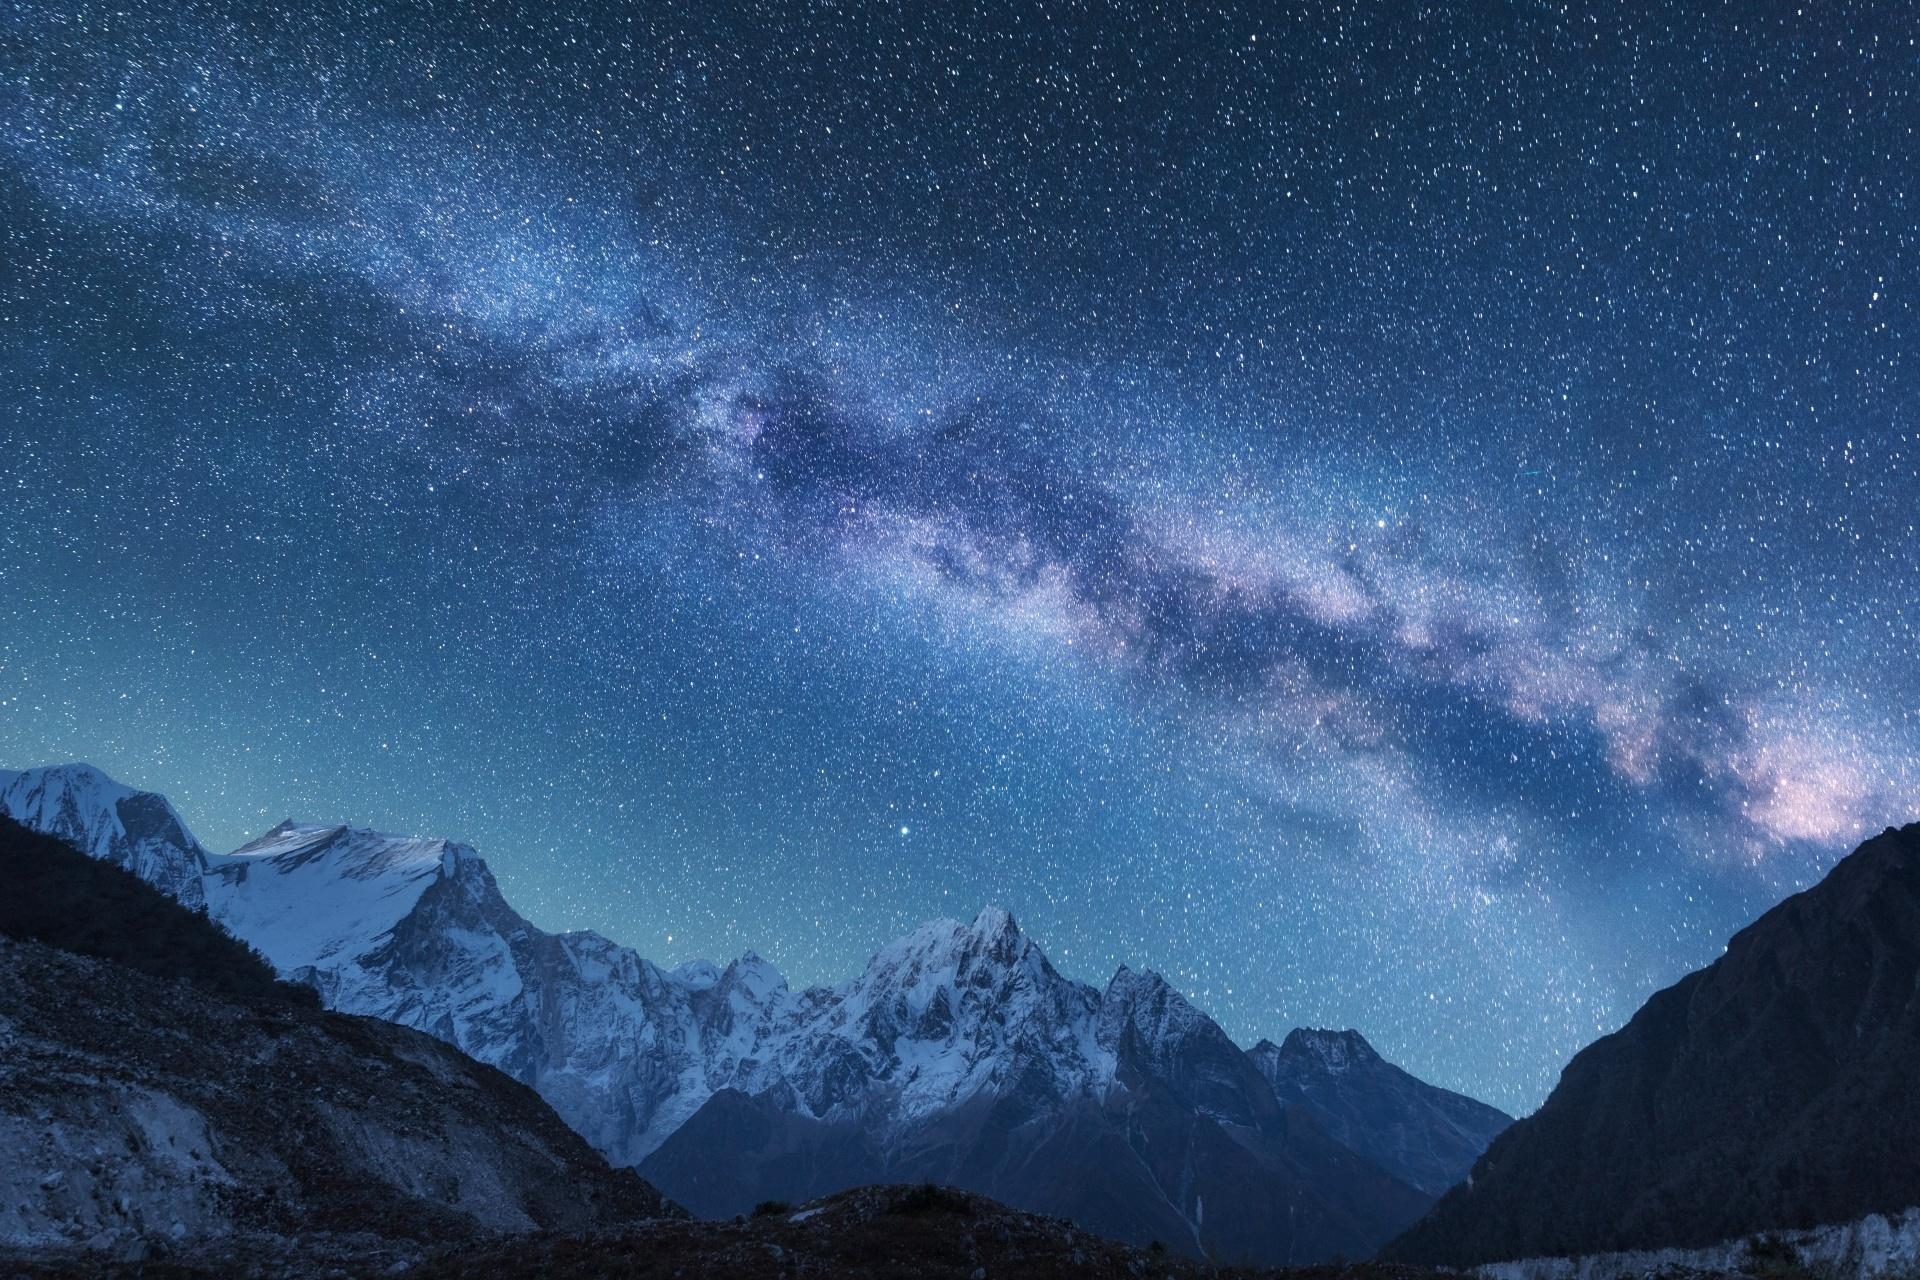 満天の星空とヒマラヤの峰々